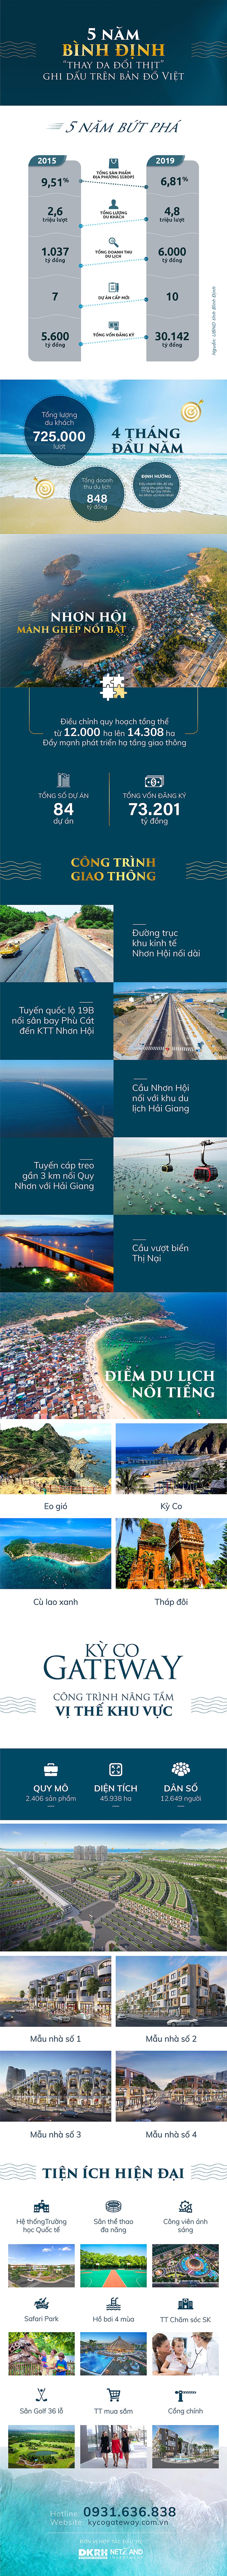 5 năm Bình Định thay da đổi thịt ghi dấu trên bản đồ Việt Nam - Ảnh 1.